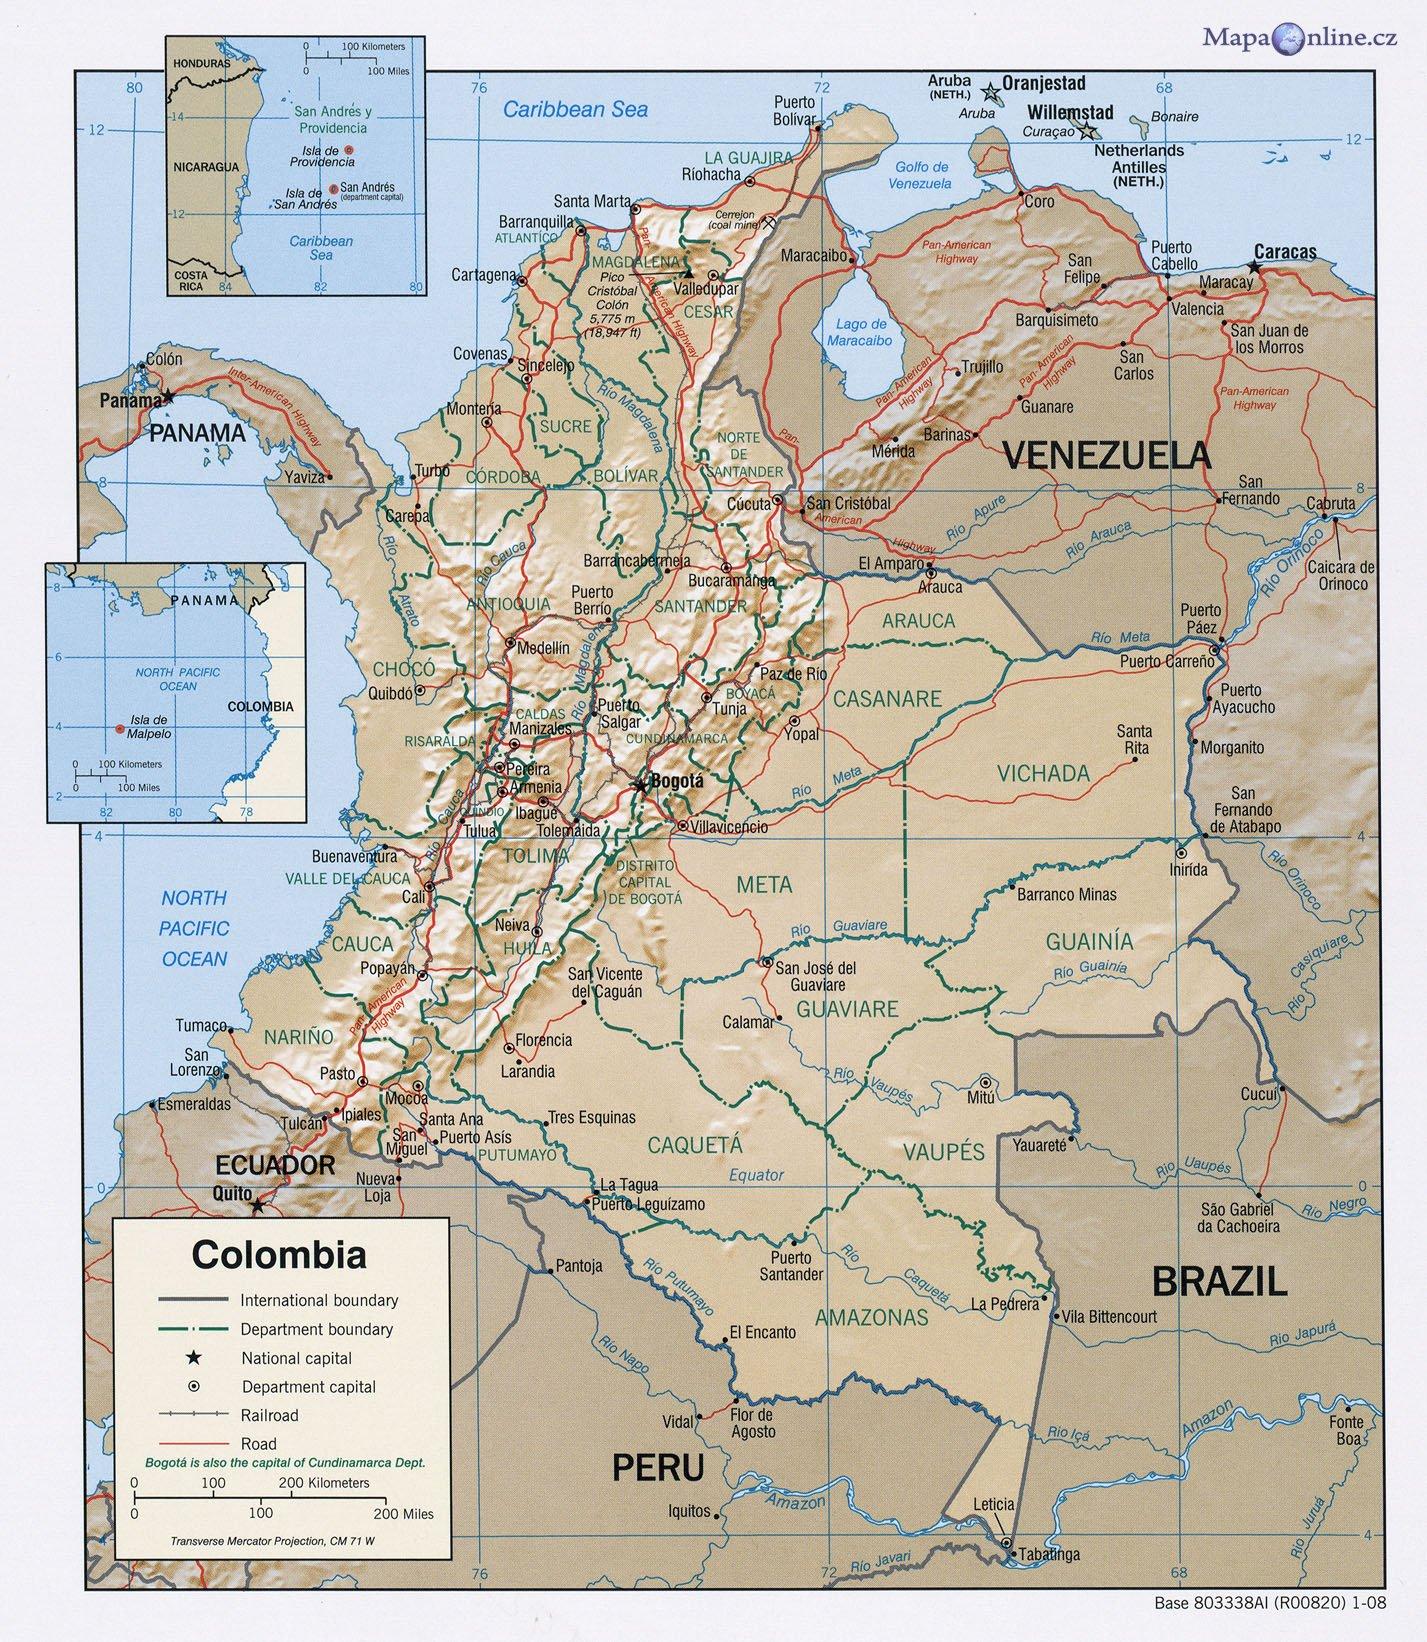 Mapa Kolumbie Mapaonline Cz